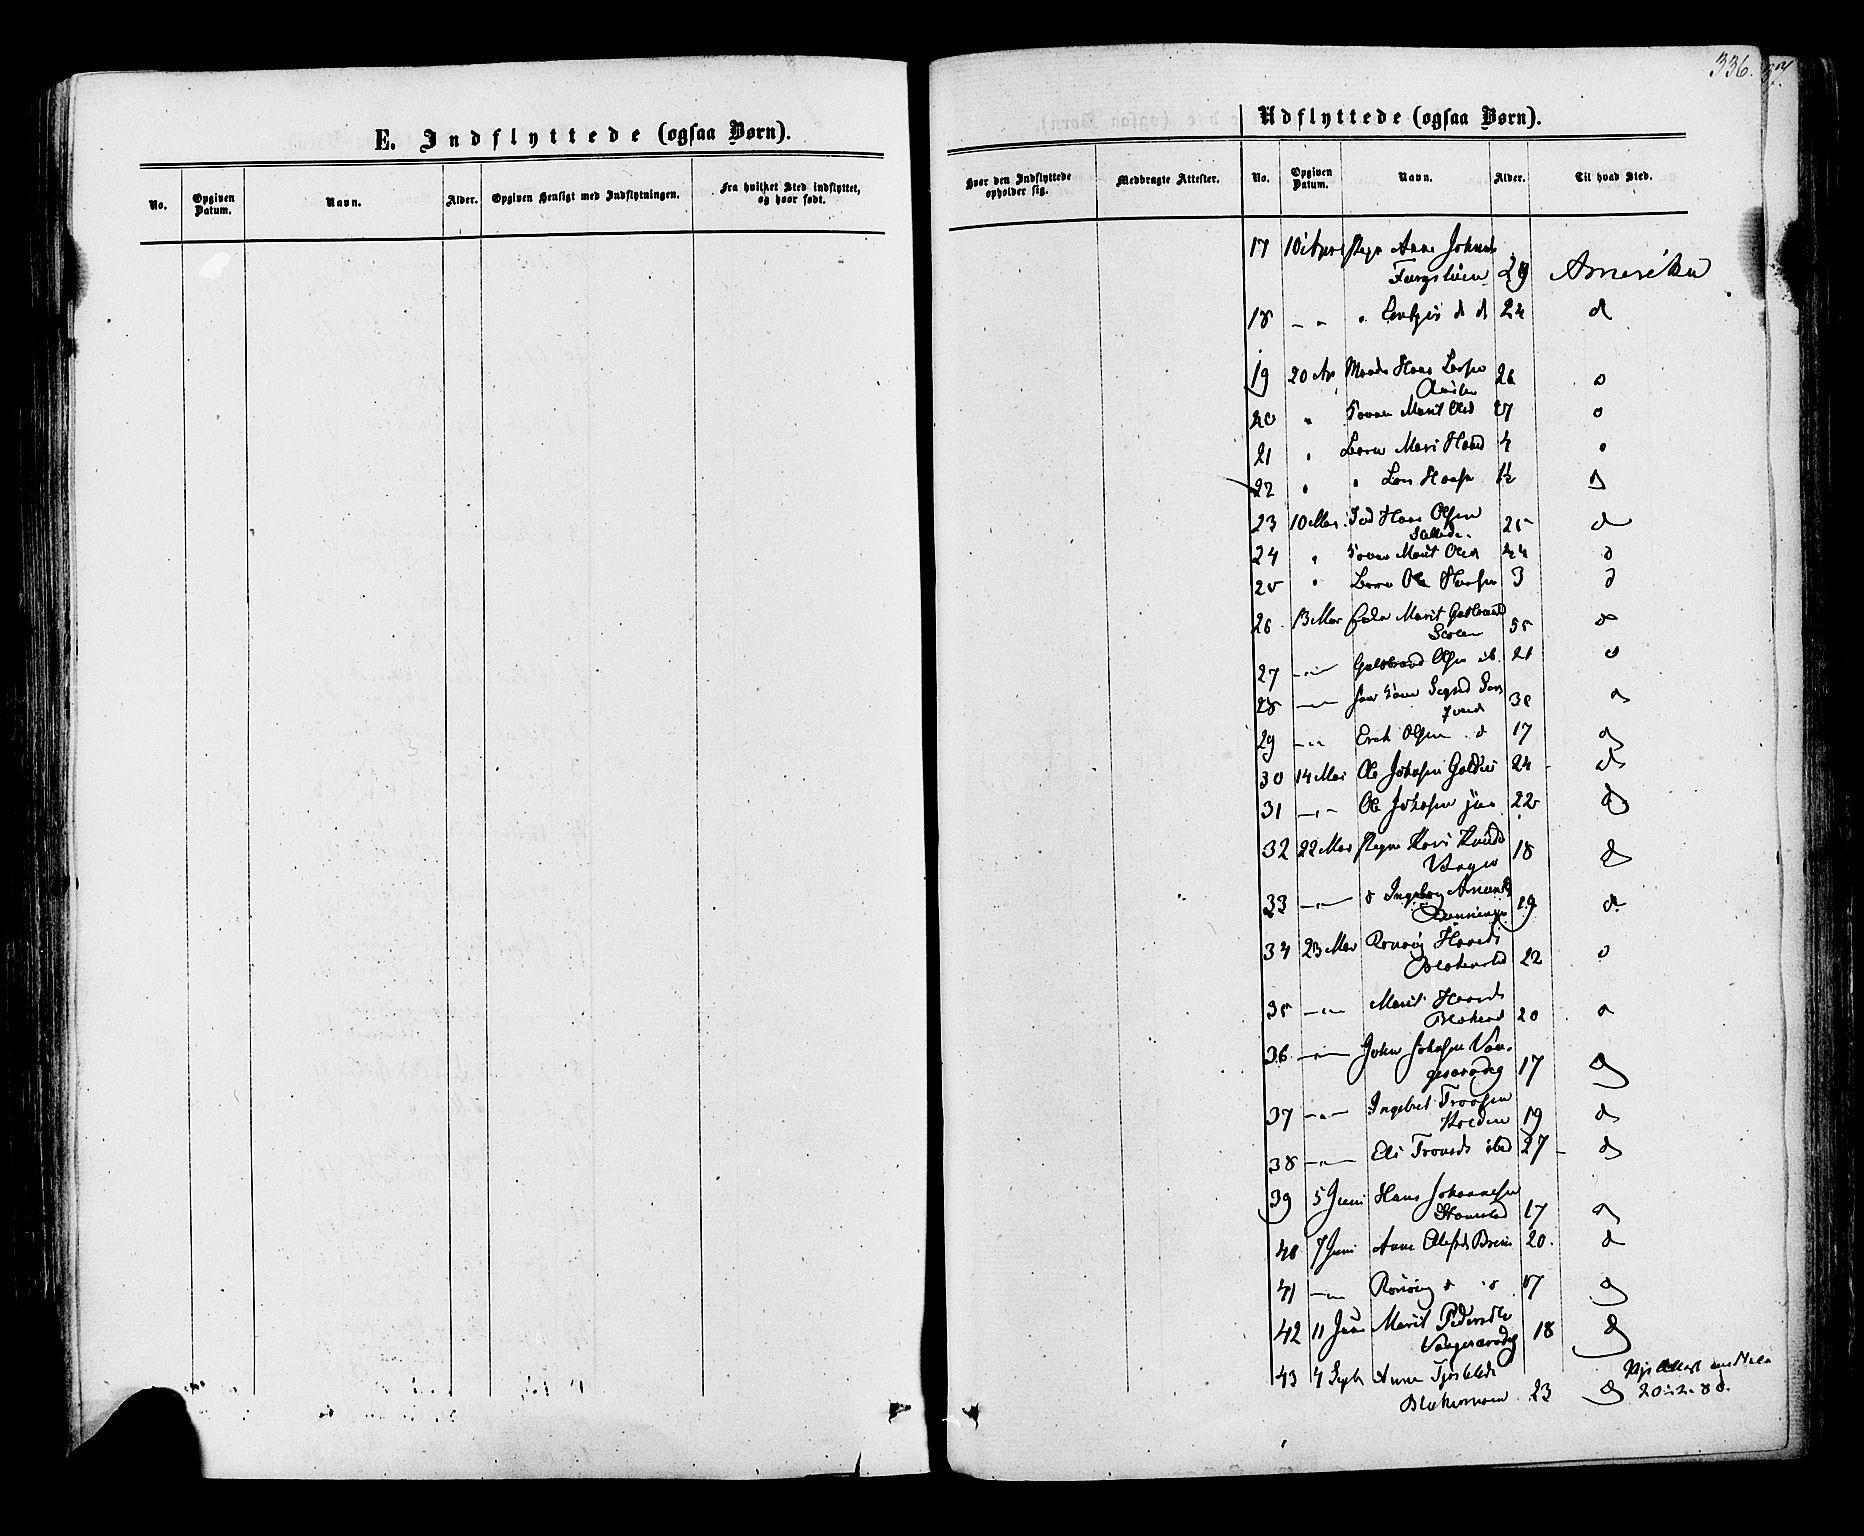 SAH, Lom prestekontor, K/L0007: Ministerialbok nr. 7, 1863-1884, s. 336